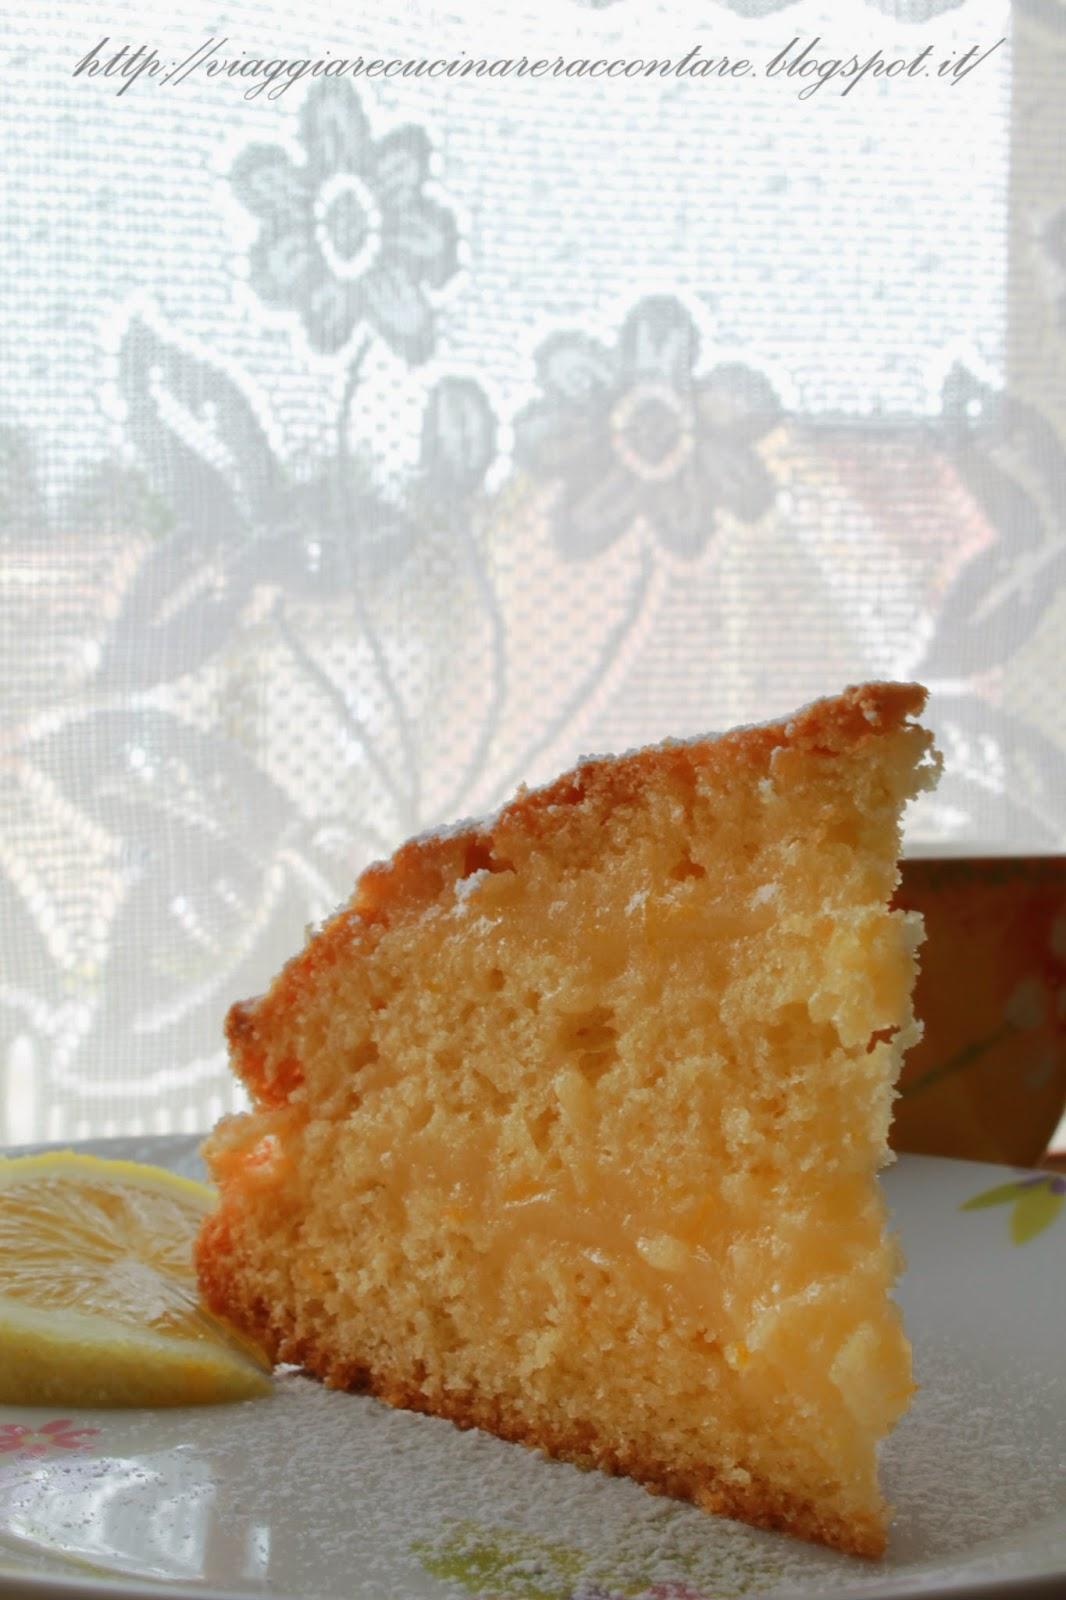 torta al limone con crema al limone senza latte